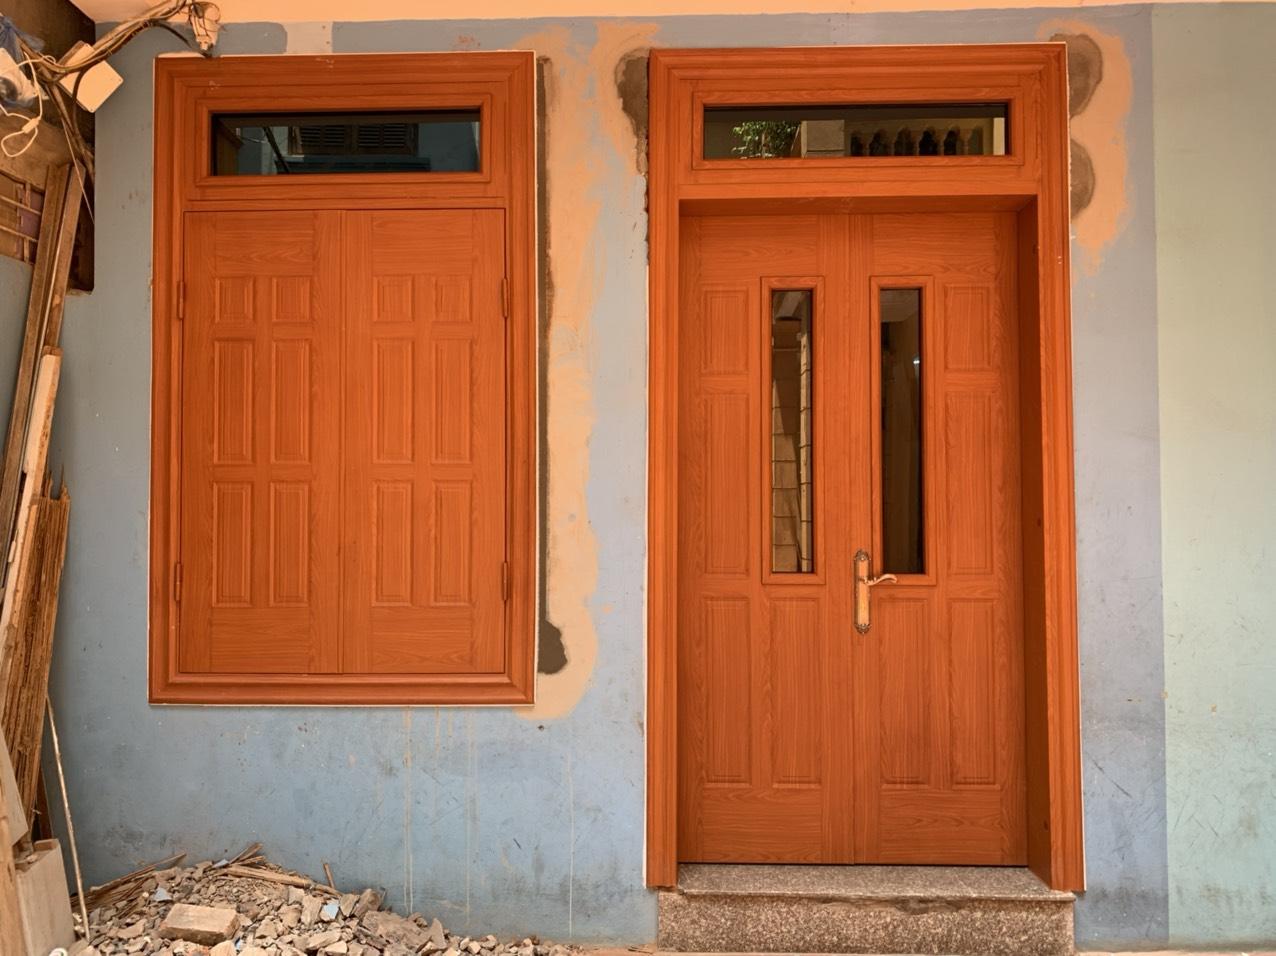 Dùng cửa thép chống cháy vân gỗ có tốt không?